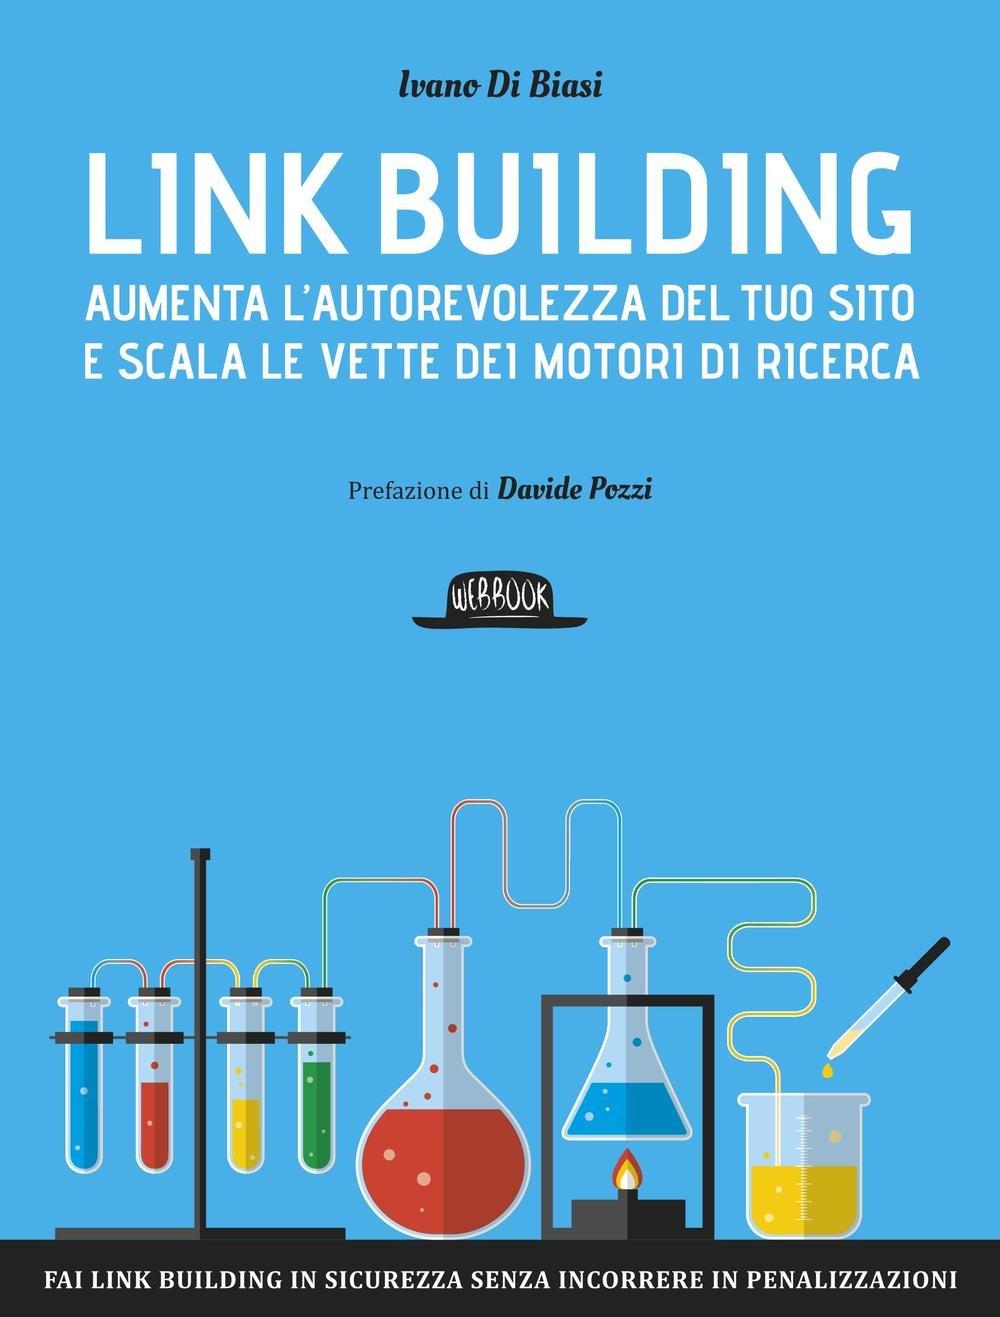 link-building-aumenta-lautorevolezza-del-tuo-sito-e-scala-le-vette-dei-motori-di-ricerca